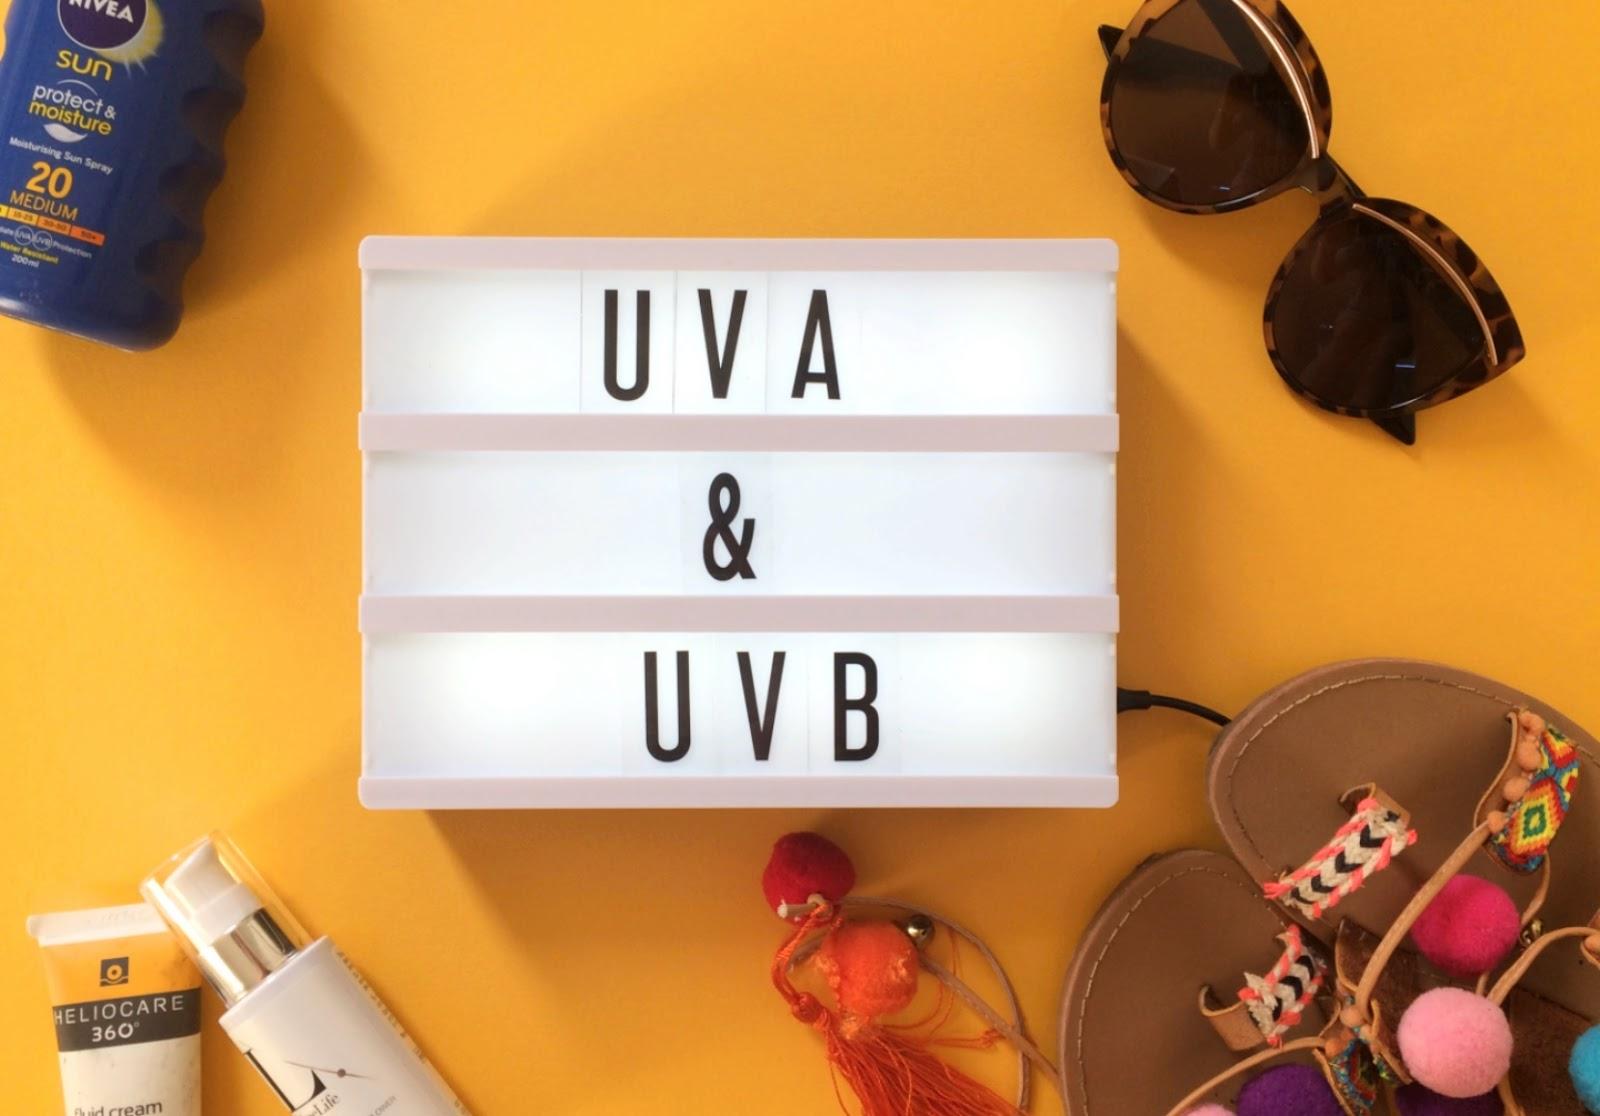 UVA & UVB